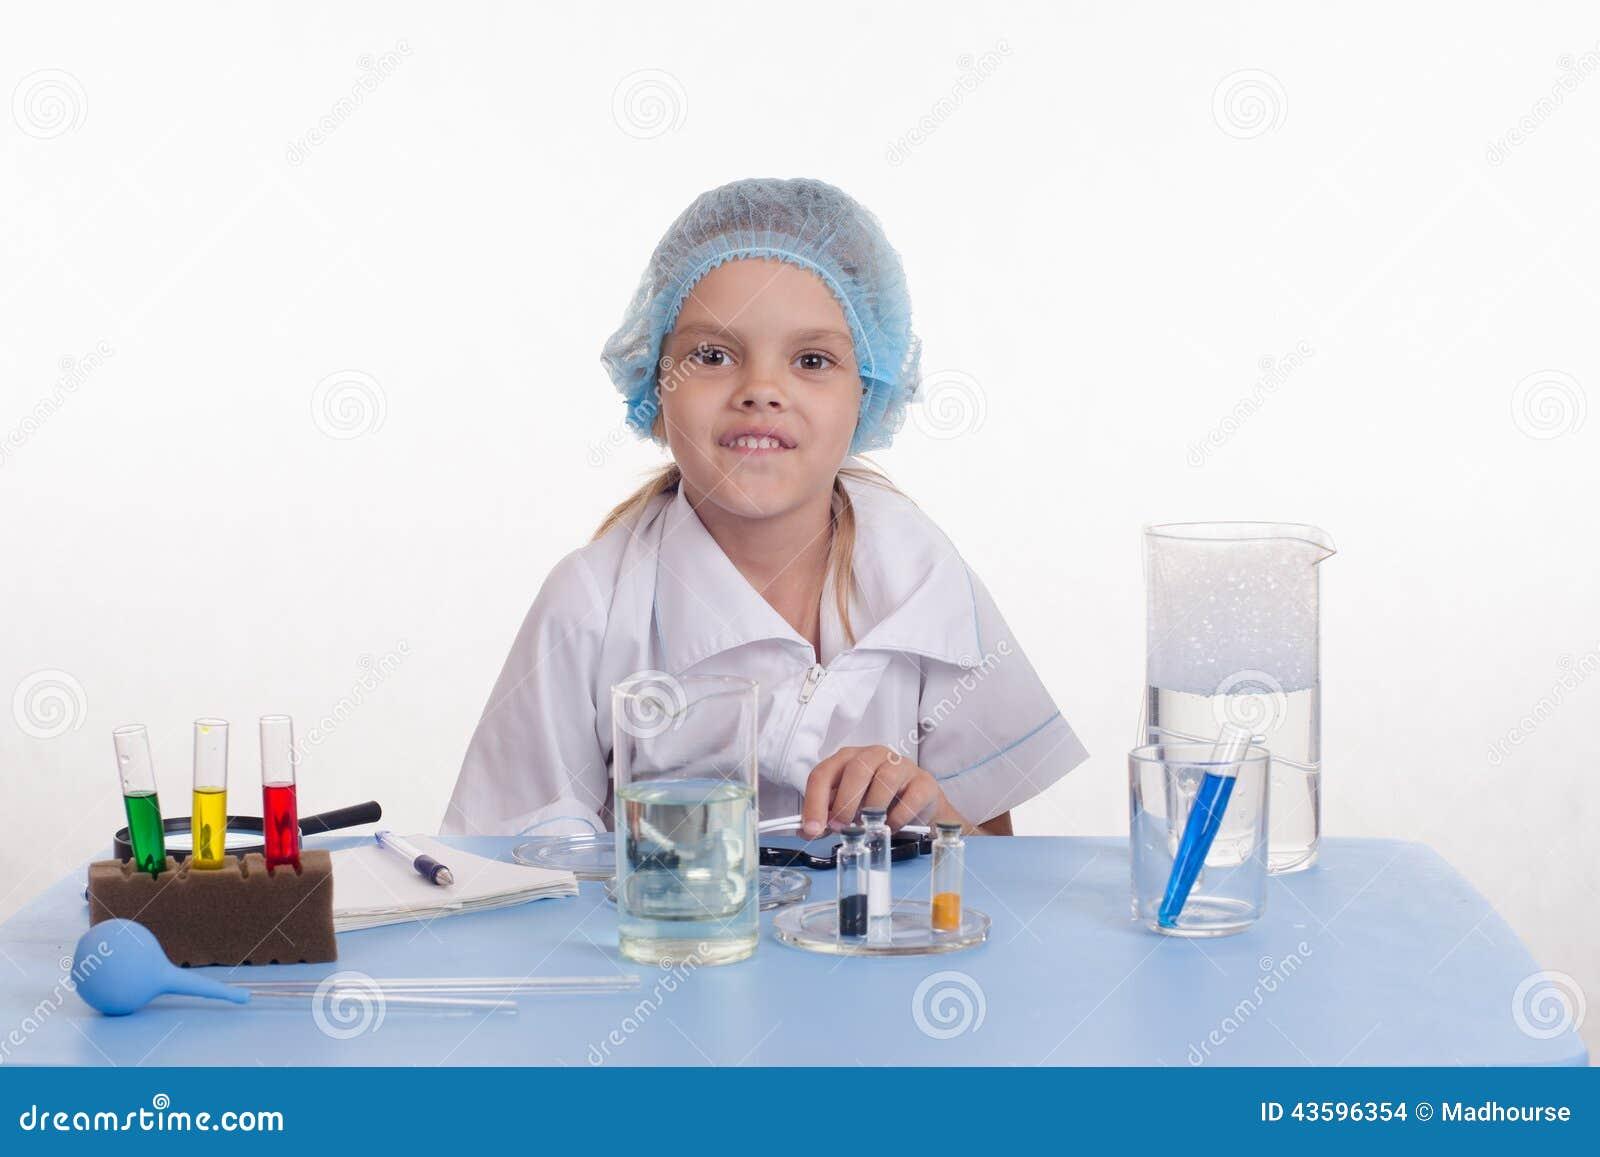 Φαρμακοποιός στην κατηγορία χημείας